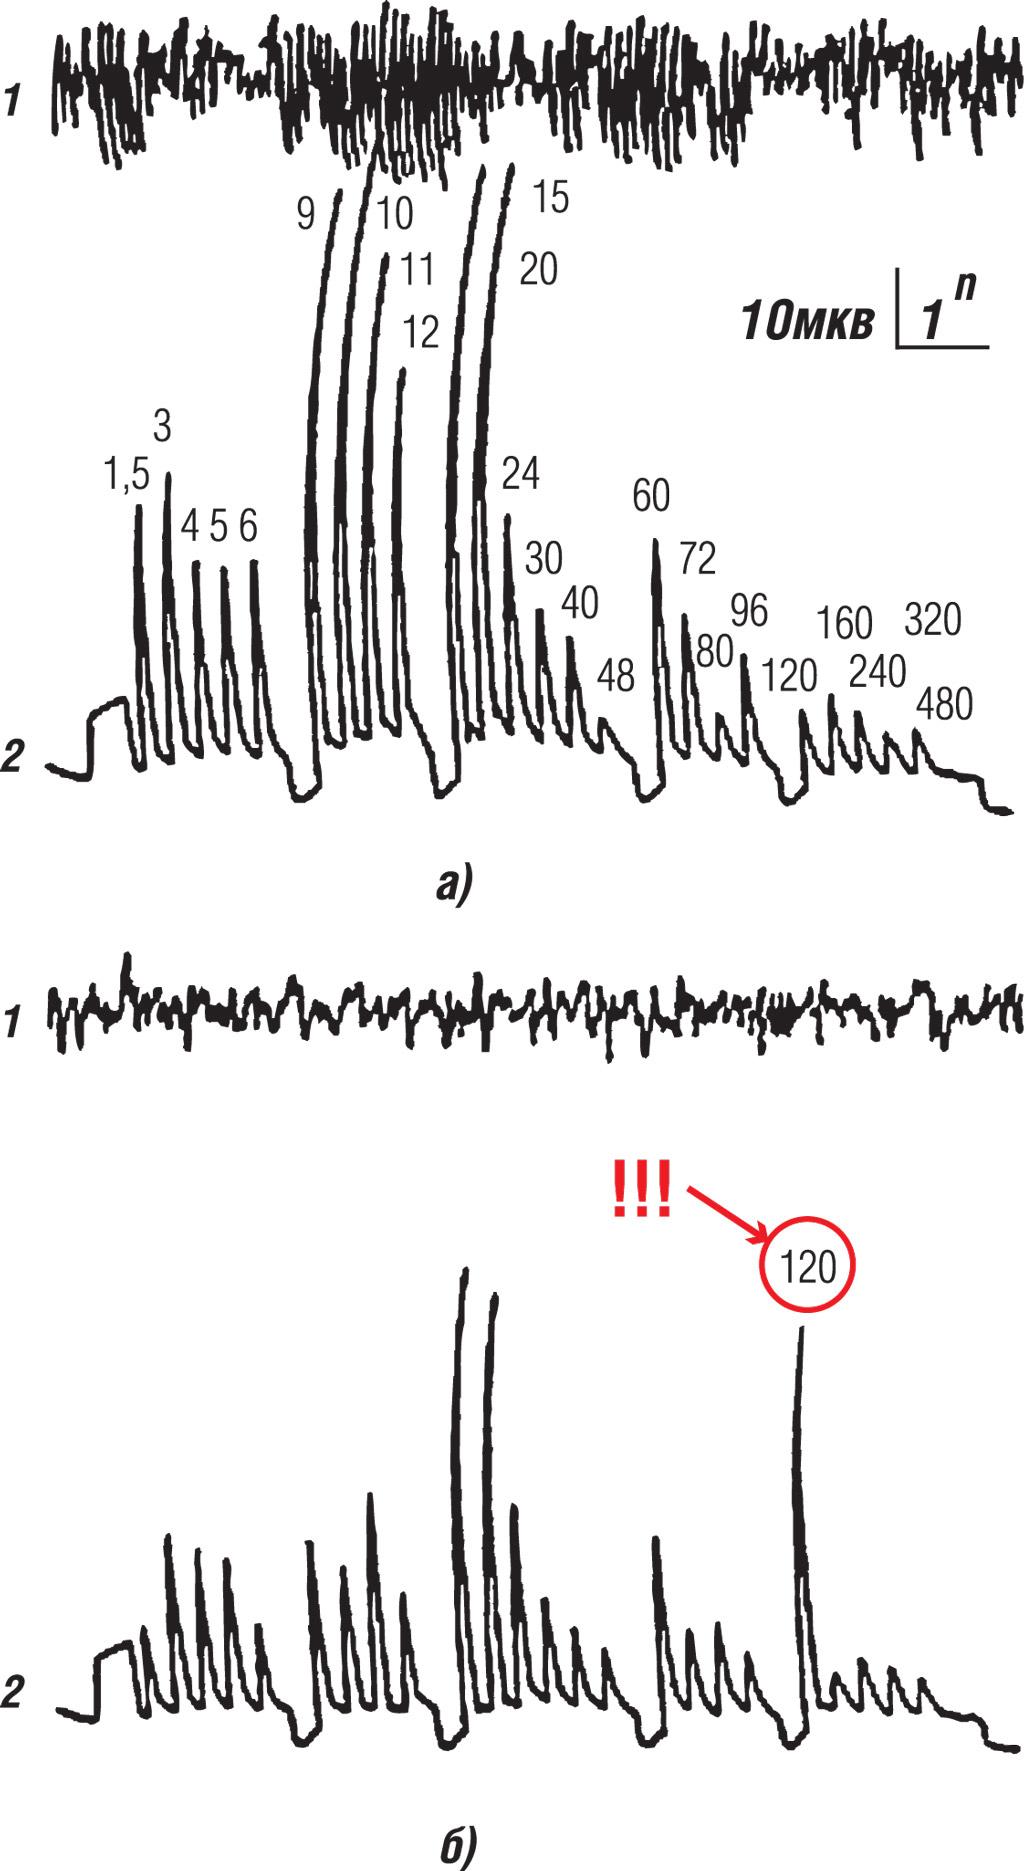 Рис. 1. ЭЭГ человеческого мозга в затемненной комнате (а), ЭЭГ человеческого мозга в комнате, освещенной лампами, с частотой пульсации светового потока 120 Гц